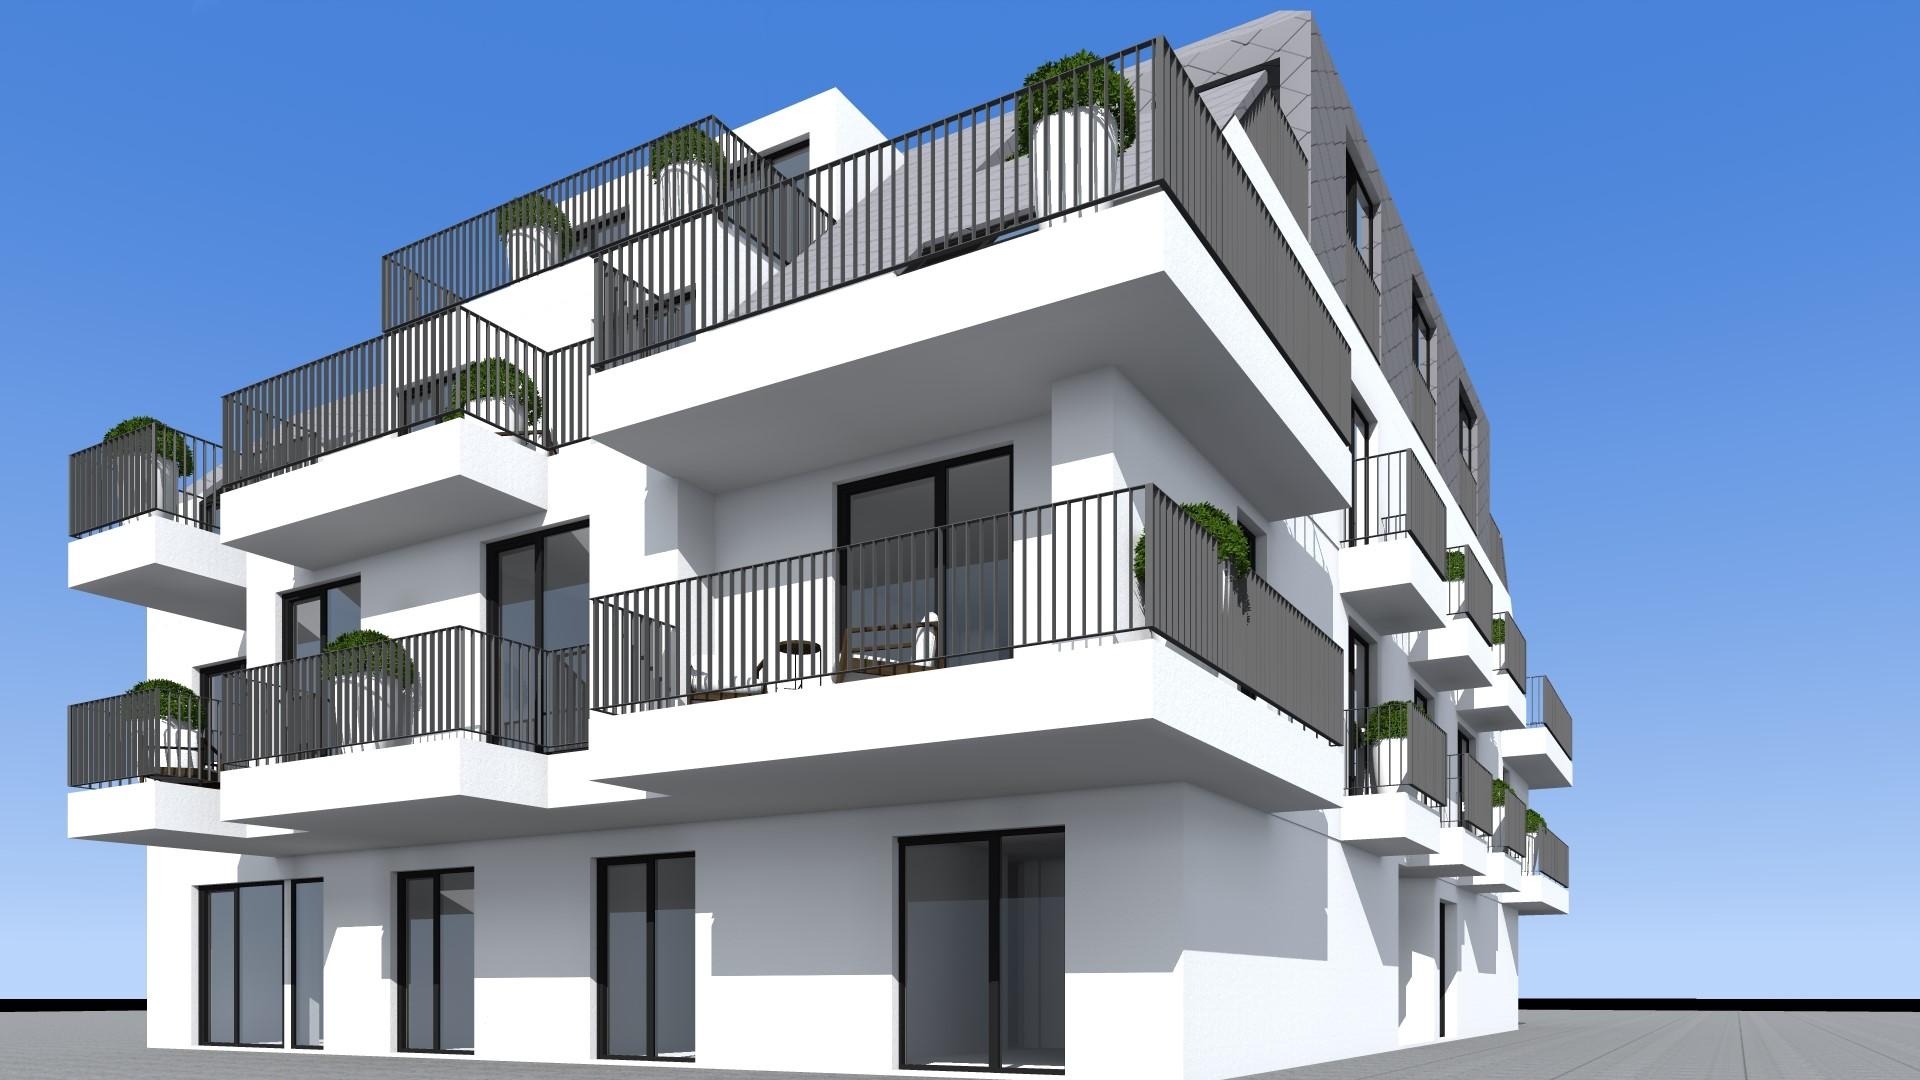 HMG4-Fassadenschaubilder 4